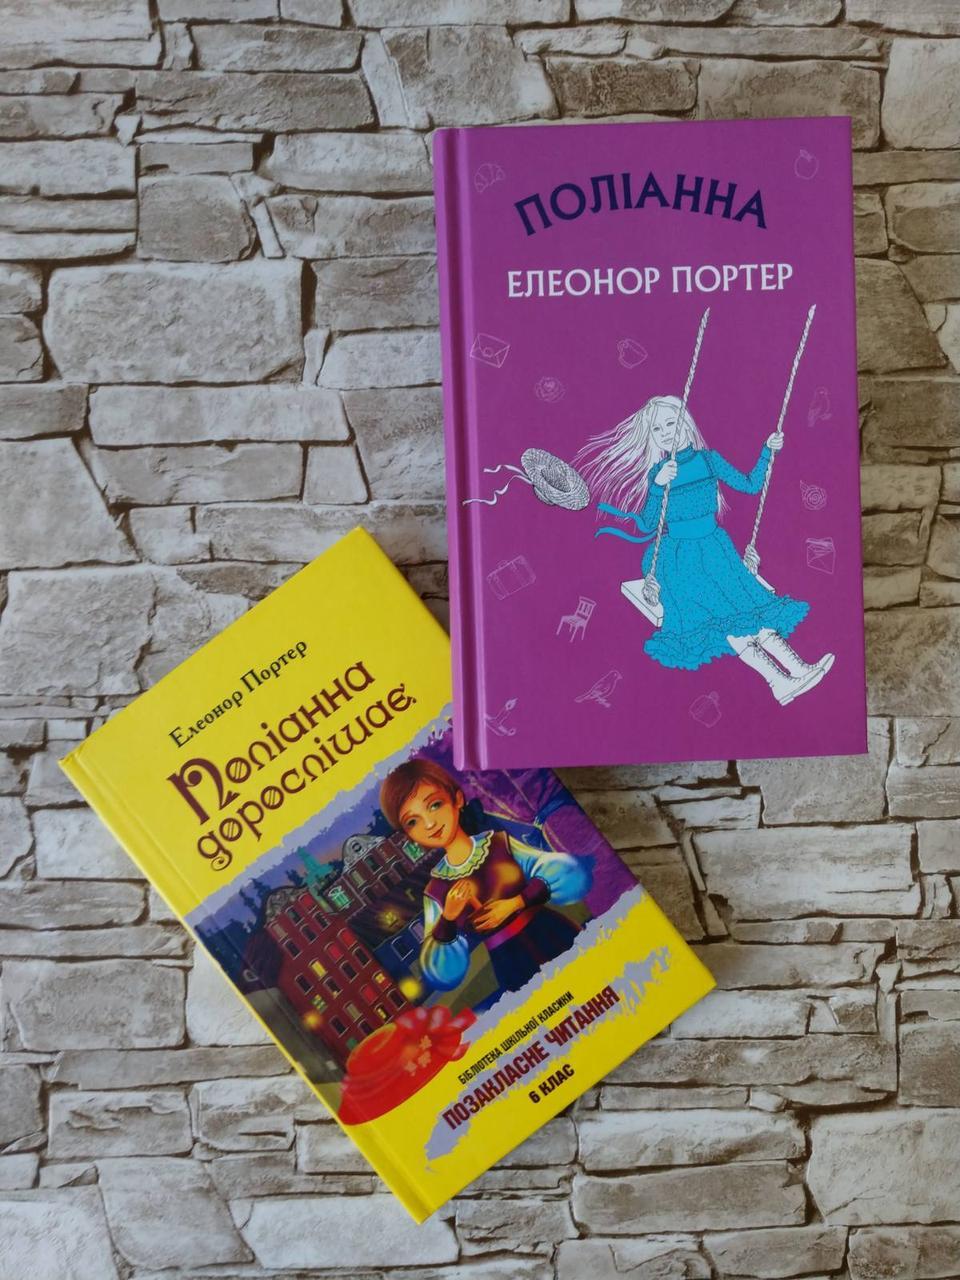 """Набор книг  """"Поліанна"""",""""Поліанна дорослішає"""" Елеонор Портер"""